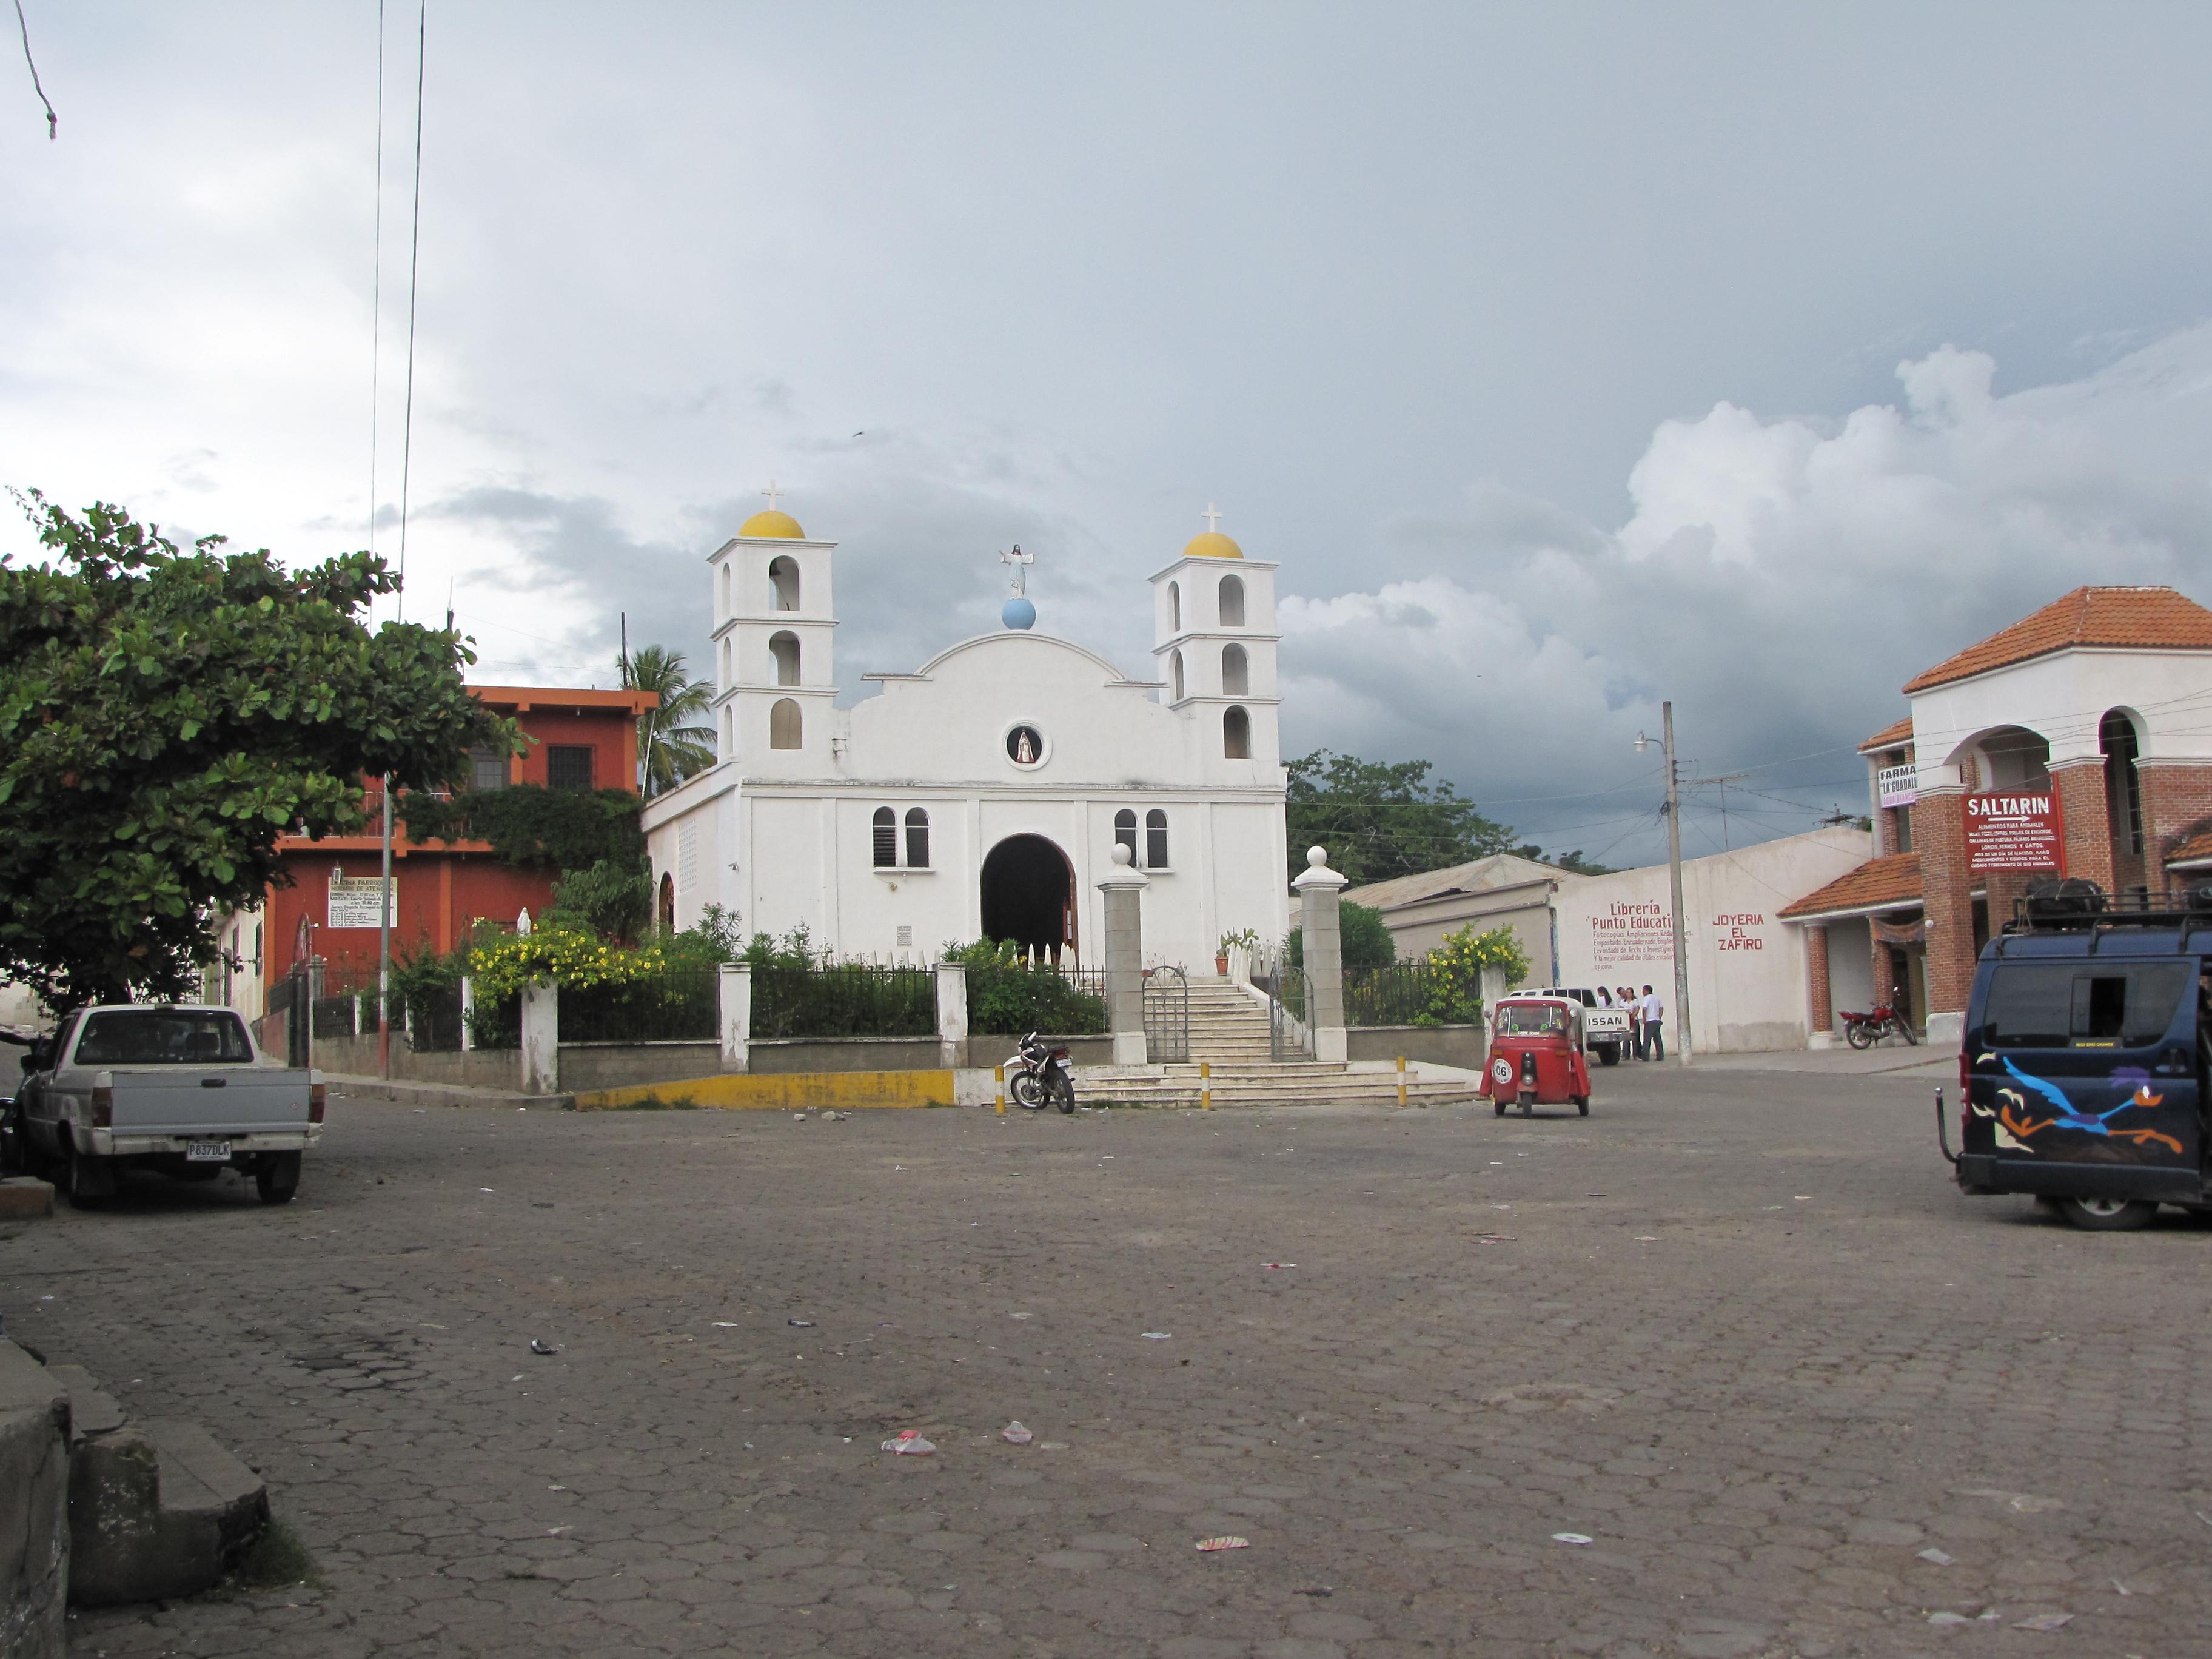 Jutiapa City